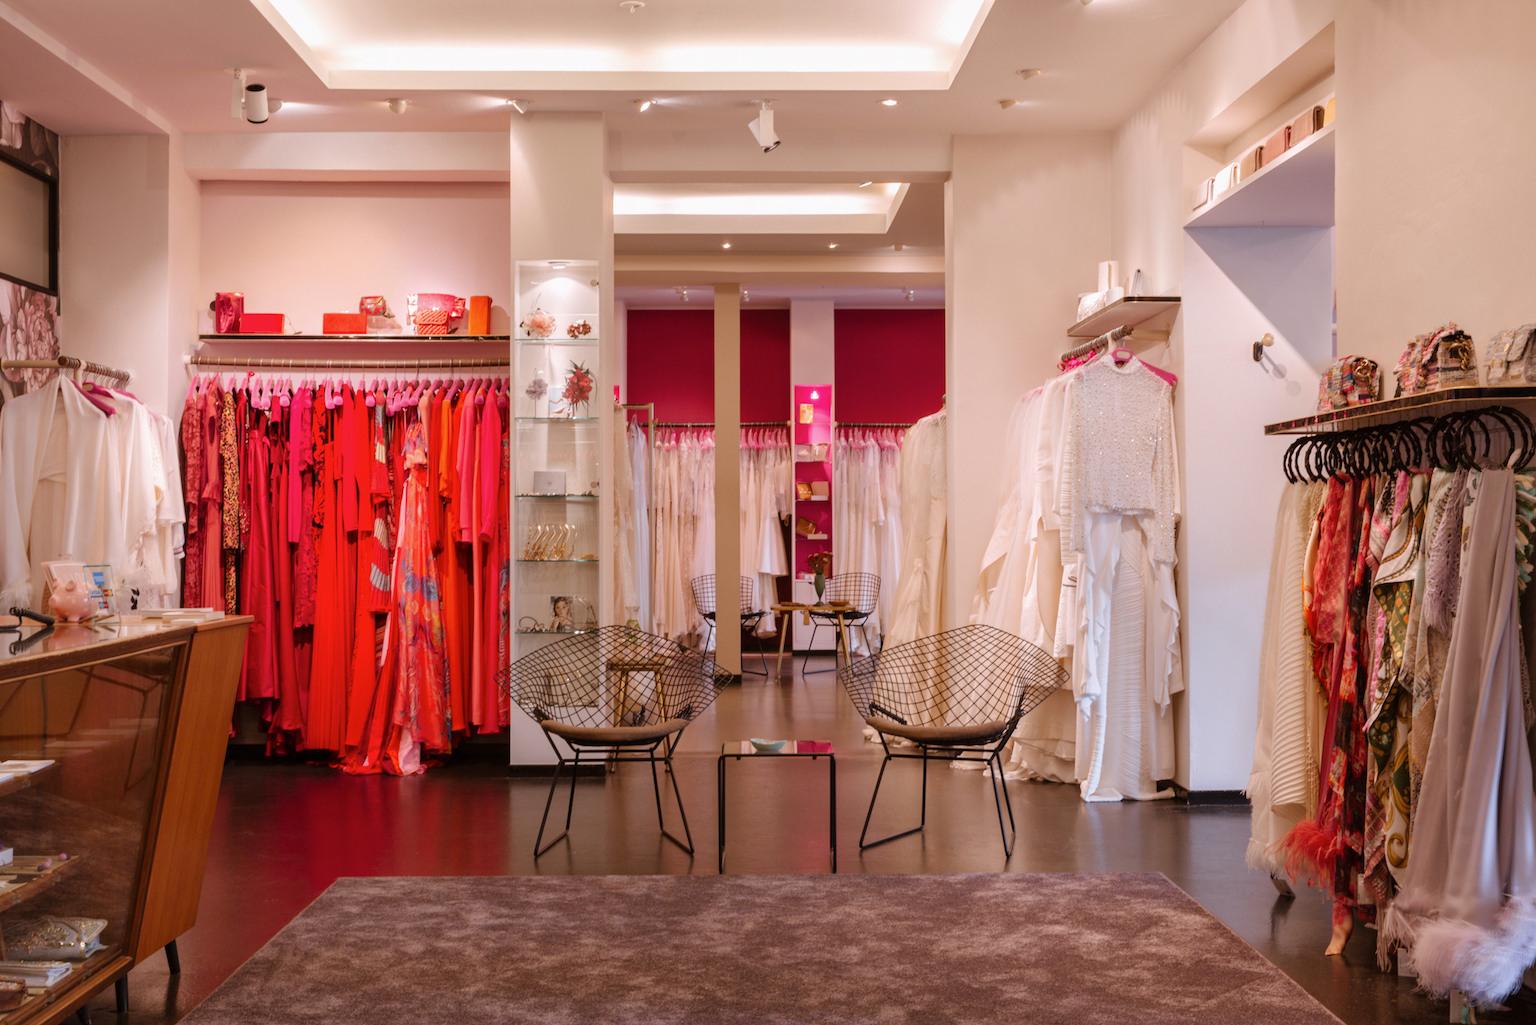 Designer Einfach Abendkleid In Hamburg Kaufen Vertrieb17 Einzigartig Abendkleid In Hamburg Kaufen Ärmel